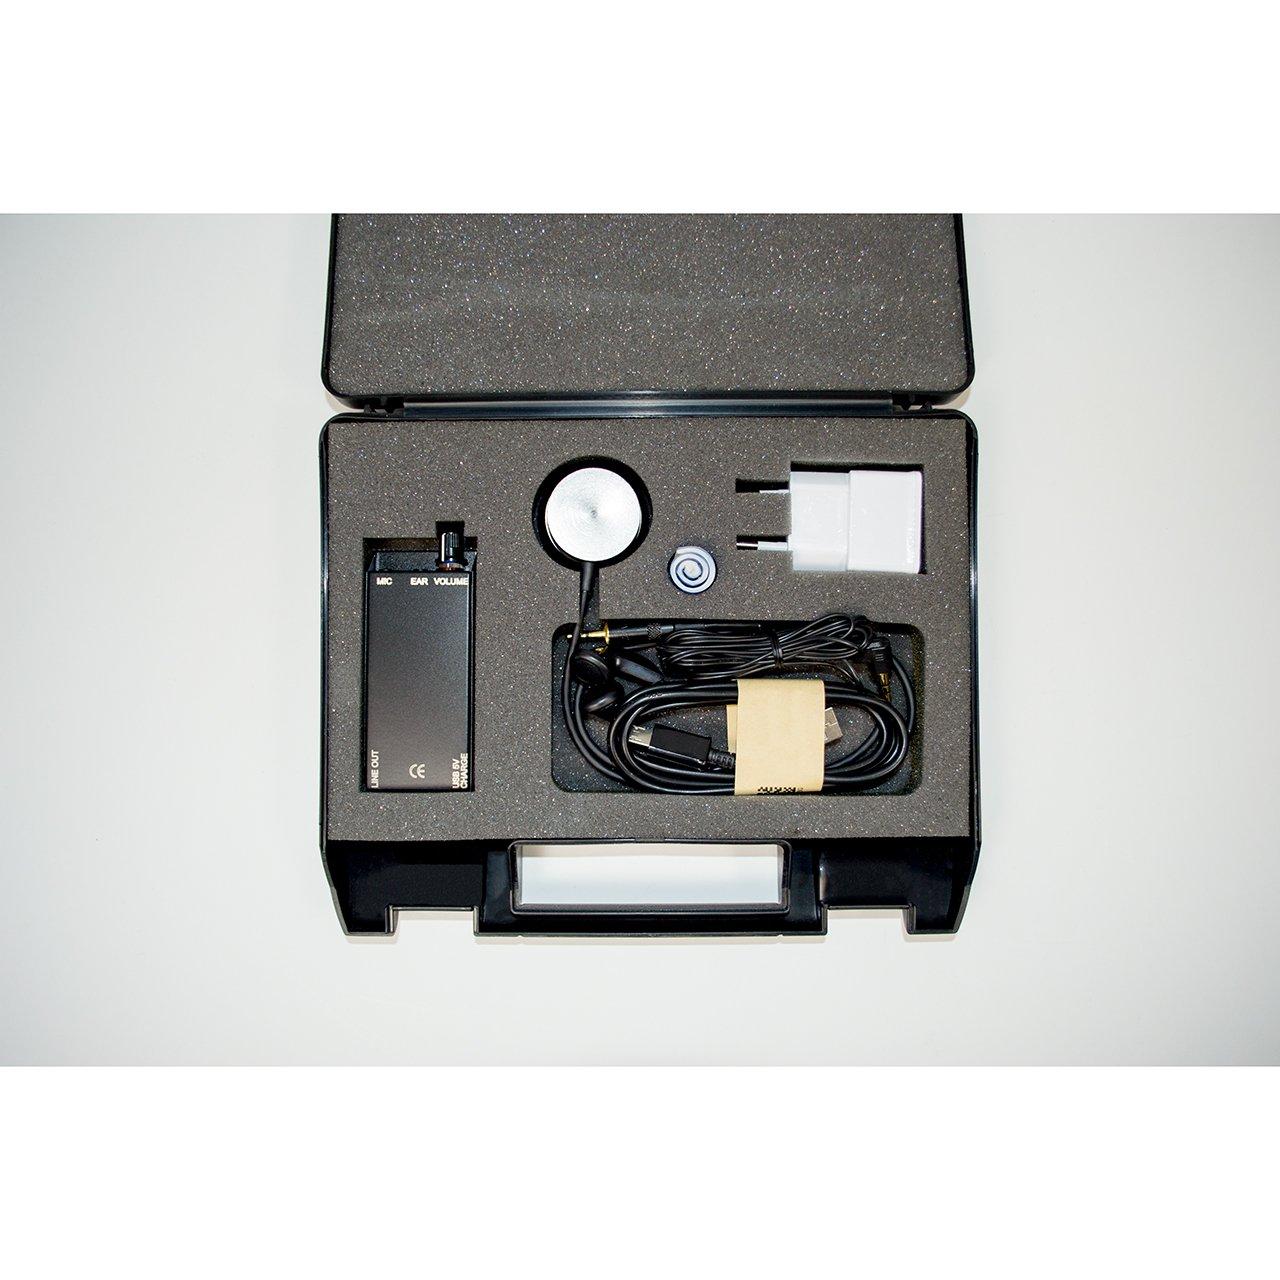 Elektronisches Stethoskop mit Verstärker